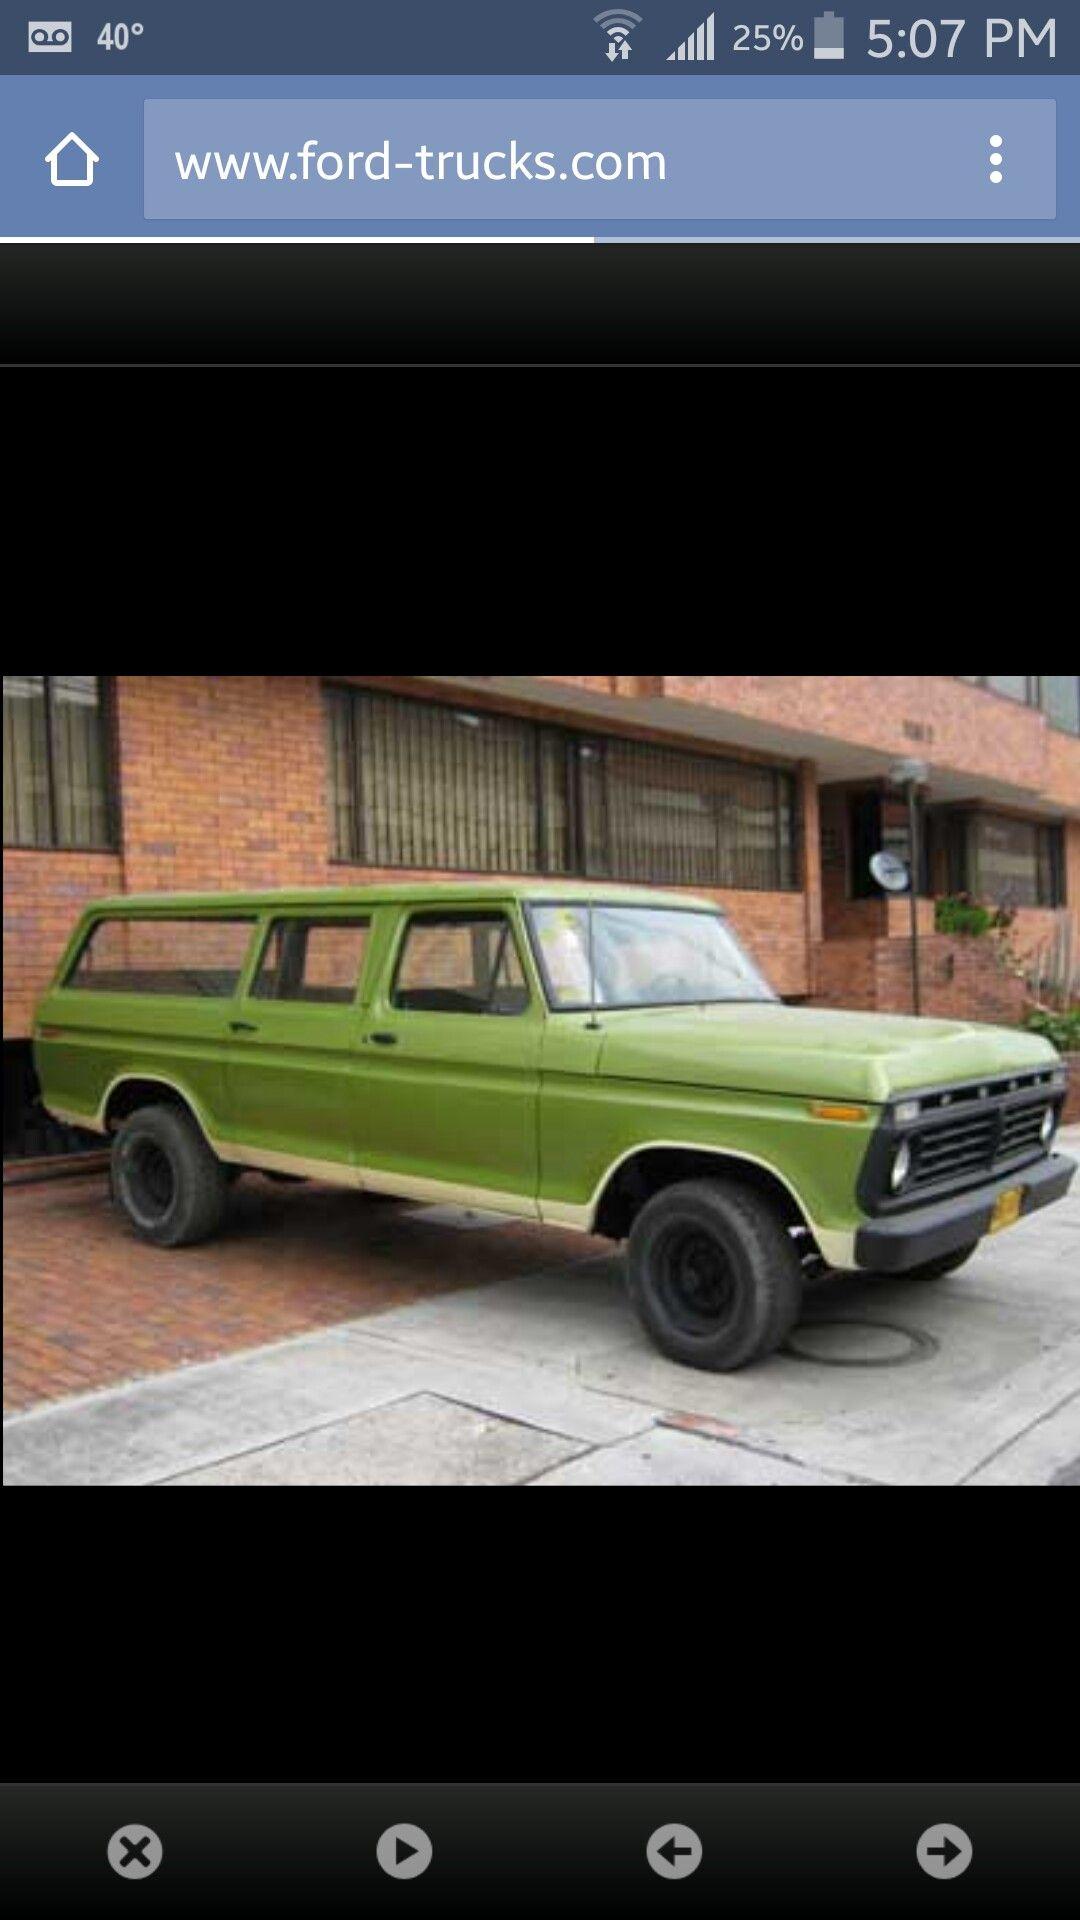 Ford B100 For Sale : B-100, Pickup, Trucks,, Trucks